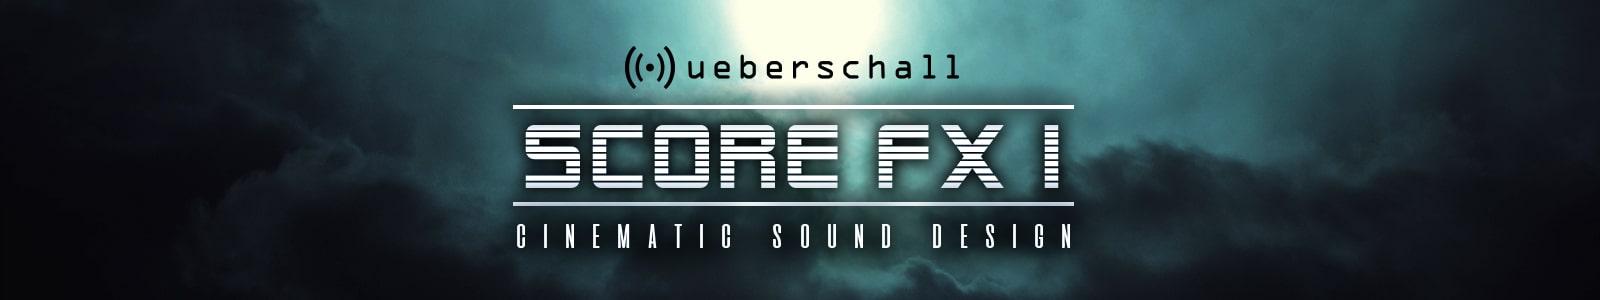 score fx 1 by ueberschall